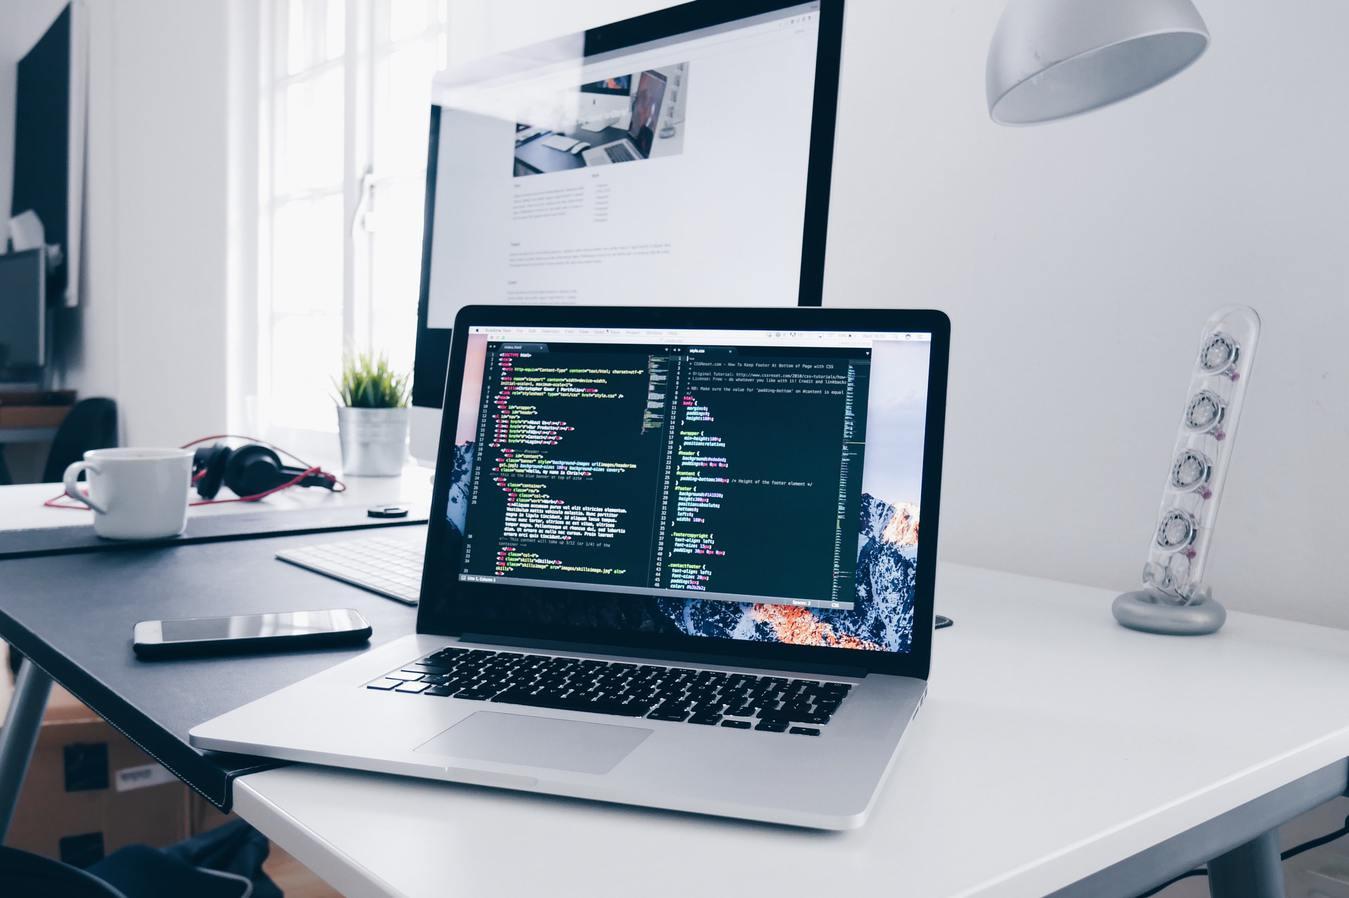 máy tính trên bàn làm việc